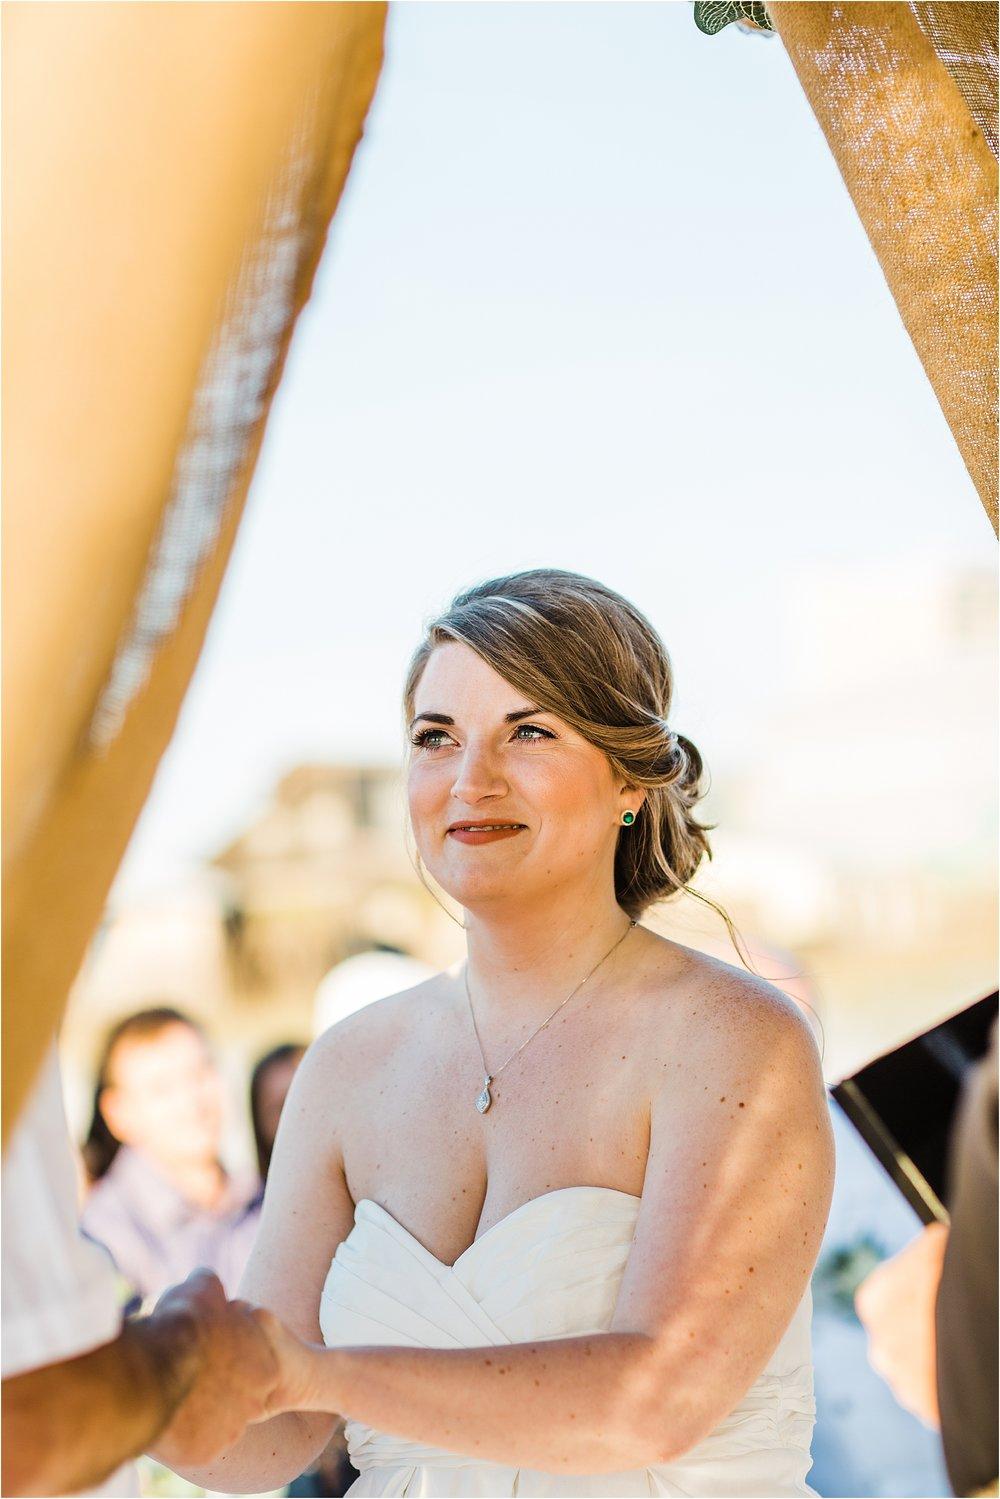 Alabama Beach Bride